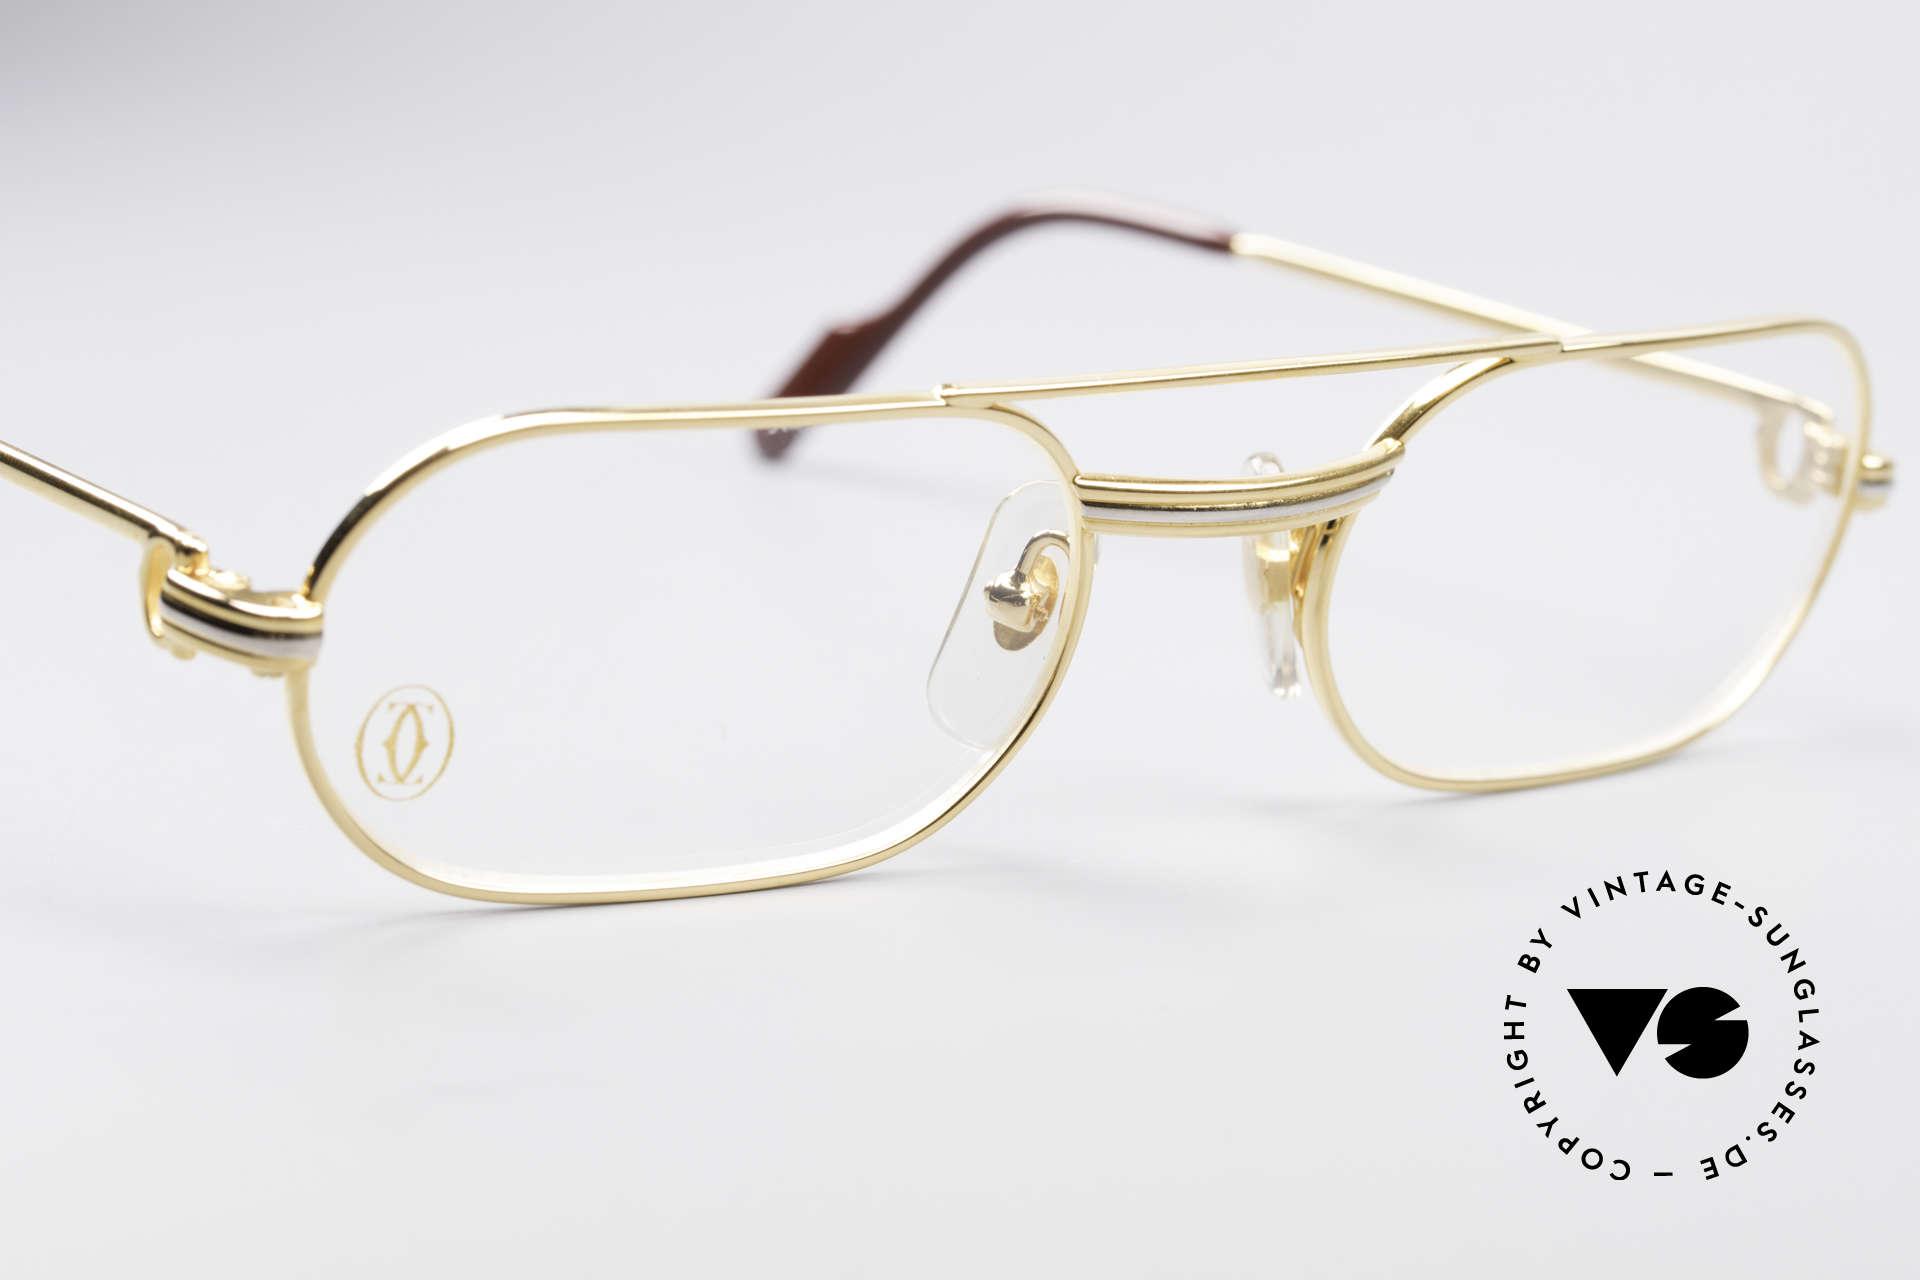 Cartier MUST LC - S Elton John Luxus Fassung, 22kt vergoldet (wie alle alten Cartier Luxus-Brillen), Passend für Herren